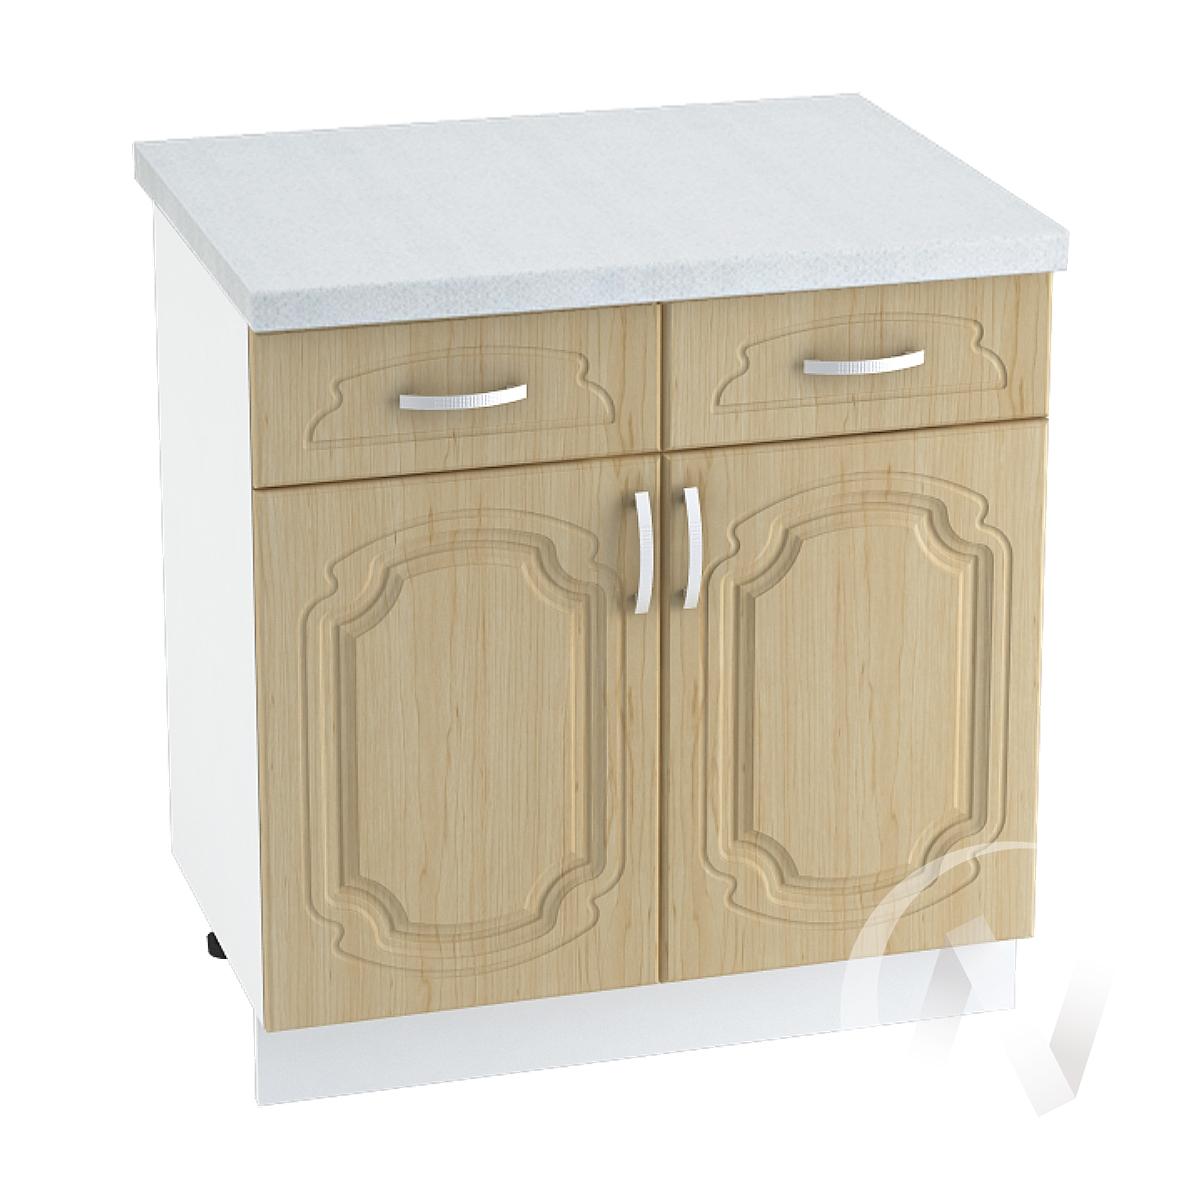 """Кухня """"Настя"""": Шкаф нижний с ящиками 800, ШН1Я 800 (Береза/корпус белый)"""